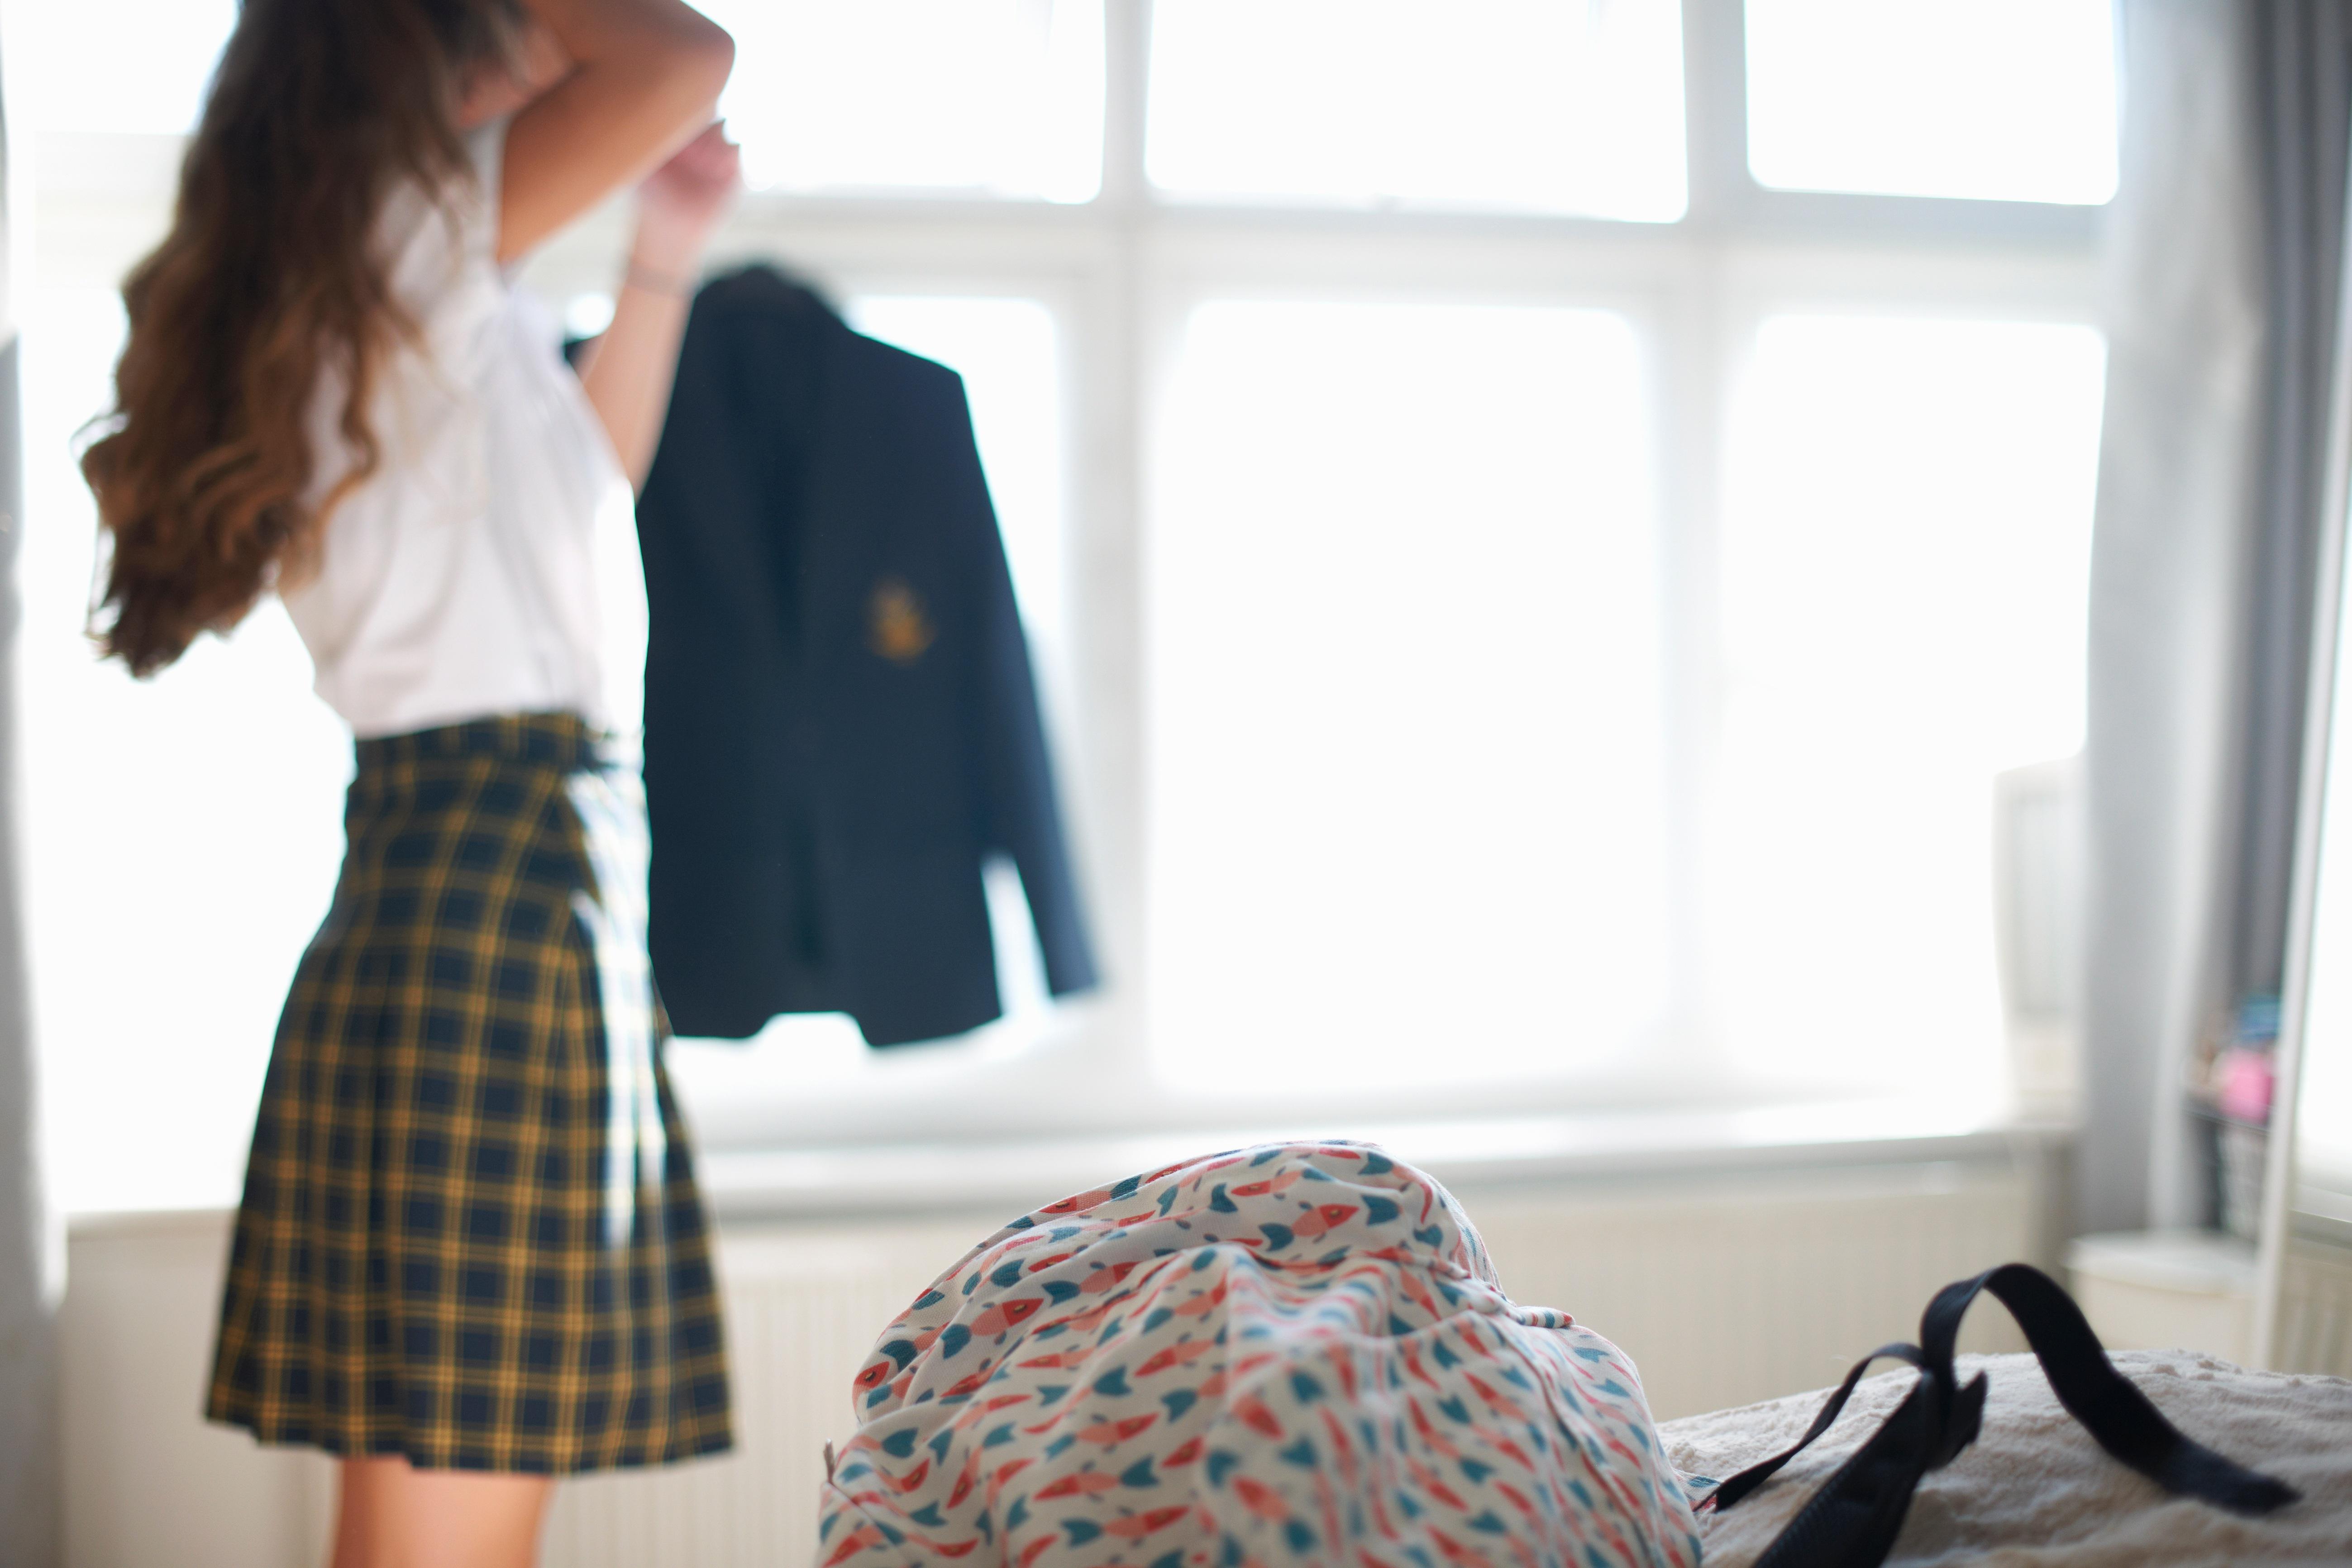 Az egyenruhás diáklányok harmadát tettleg is zaklatják Nagy-Britanniában